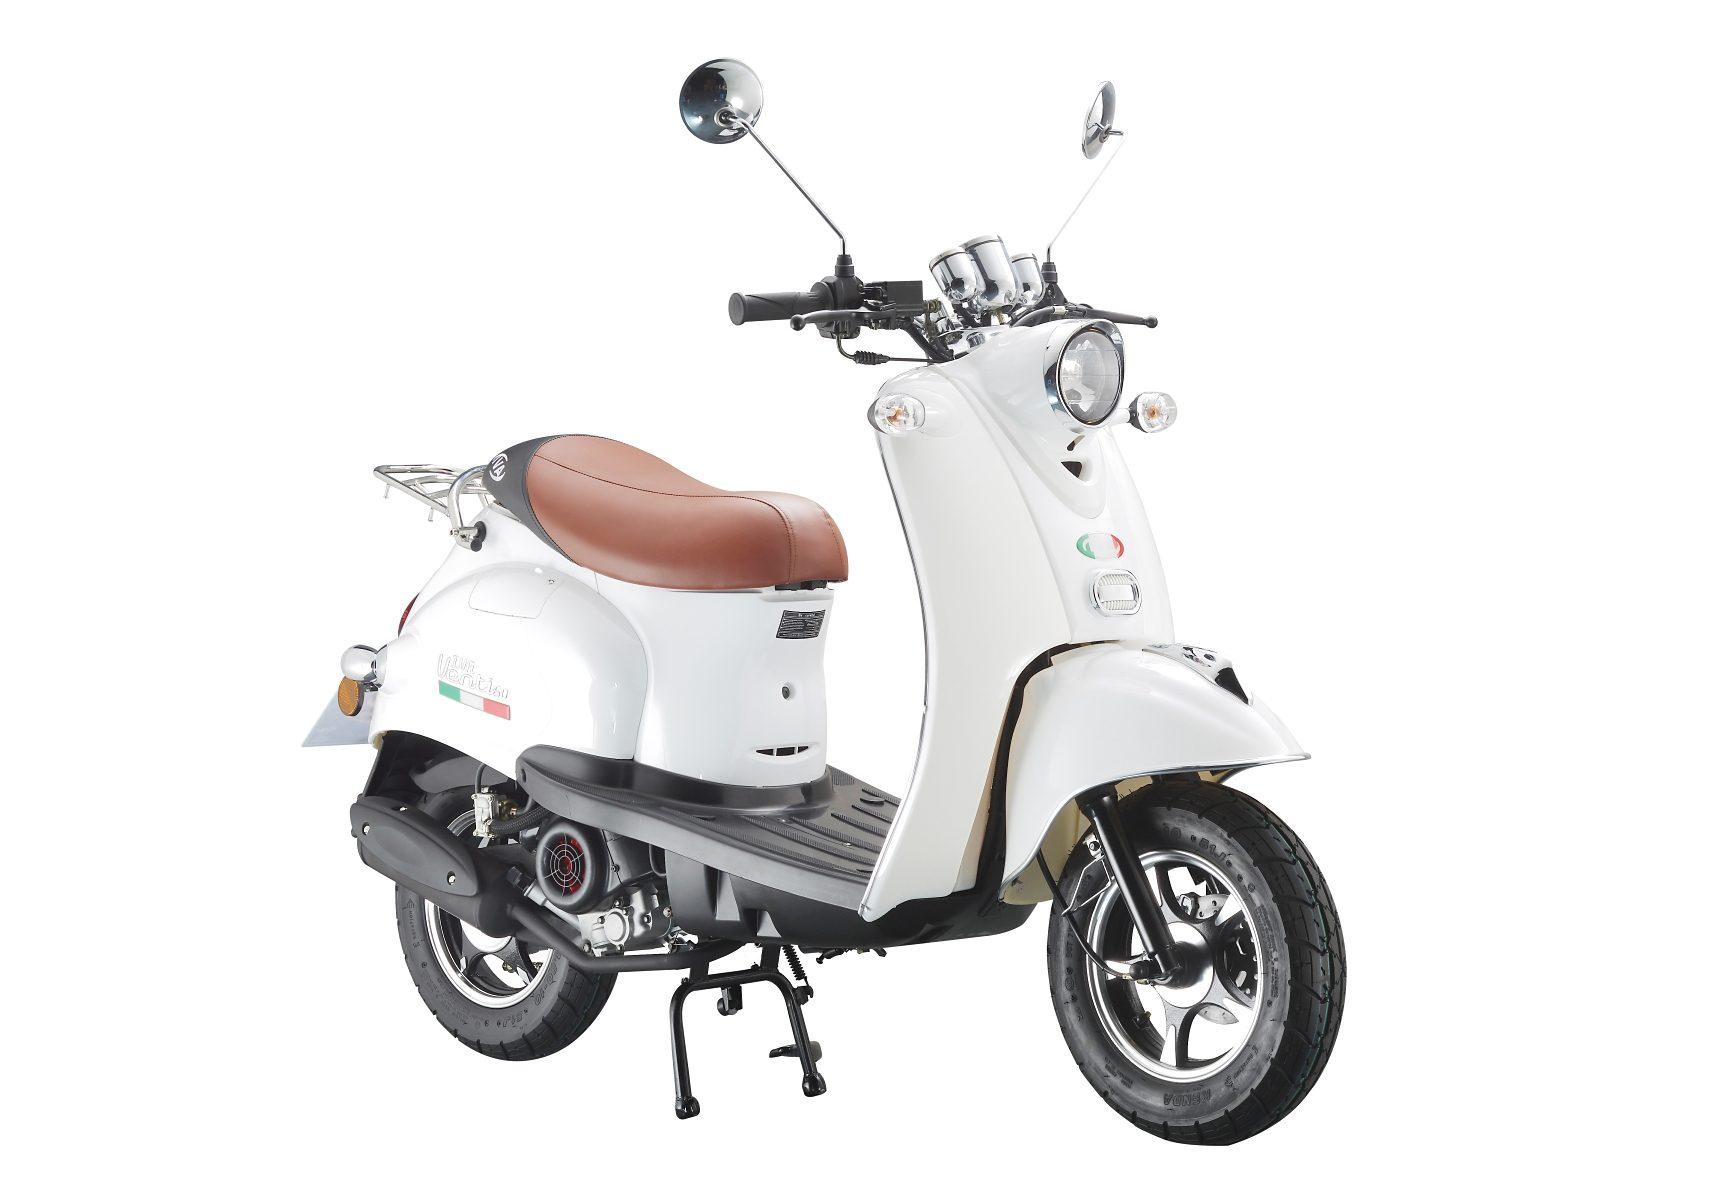 Motorroller »VENTI 50«, 50 ccm 45 km/h, für 2 Personen, weiß/braun